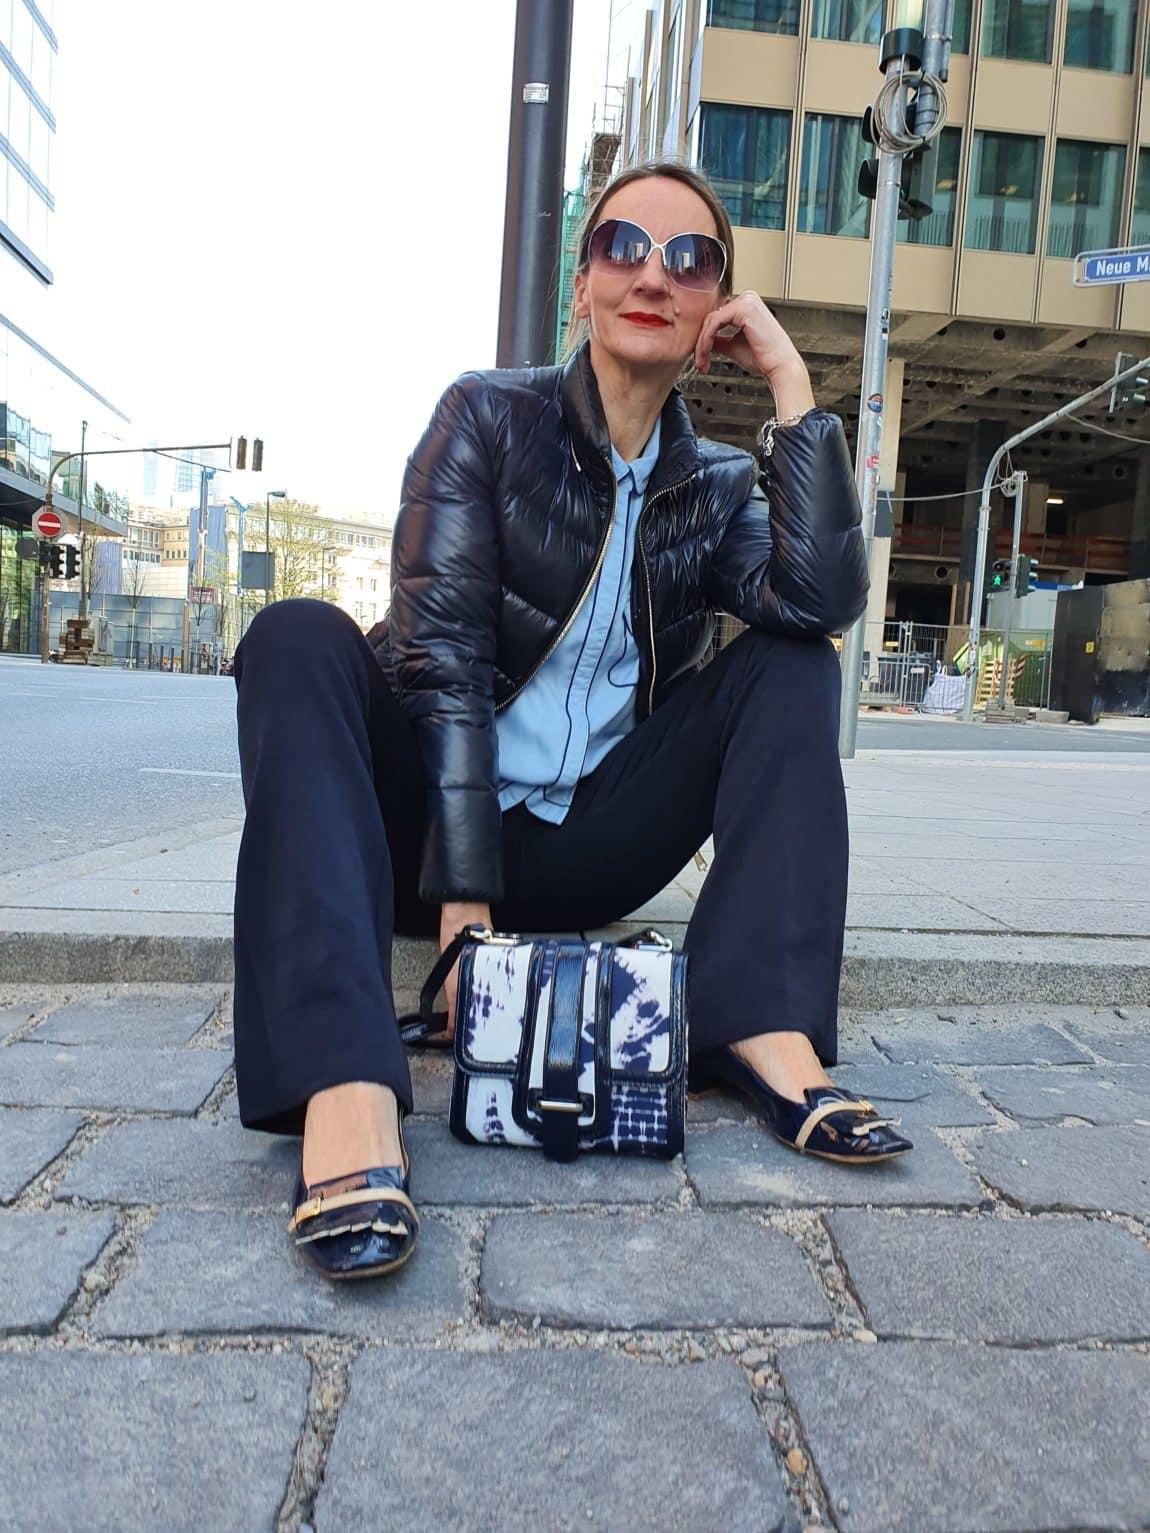 modeblog-ue50_blau_kombinieren-hellblaue_bluse-tasche-batikmuster-blog-oceanblue-style.jpg